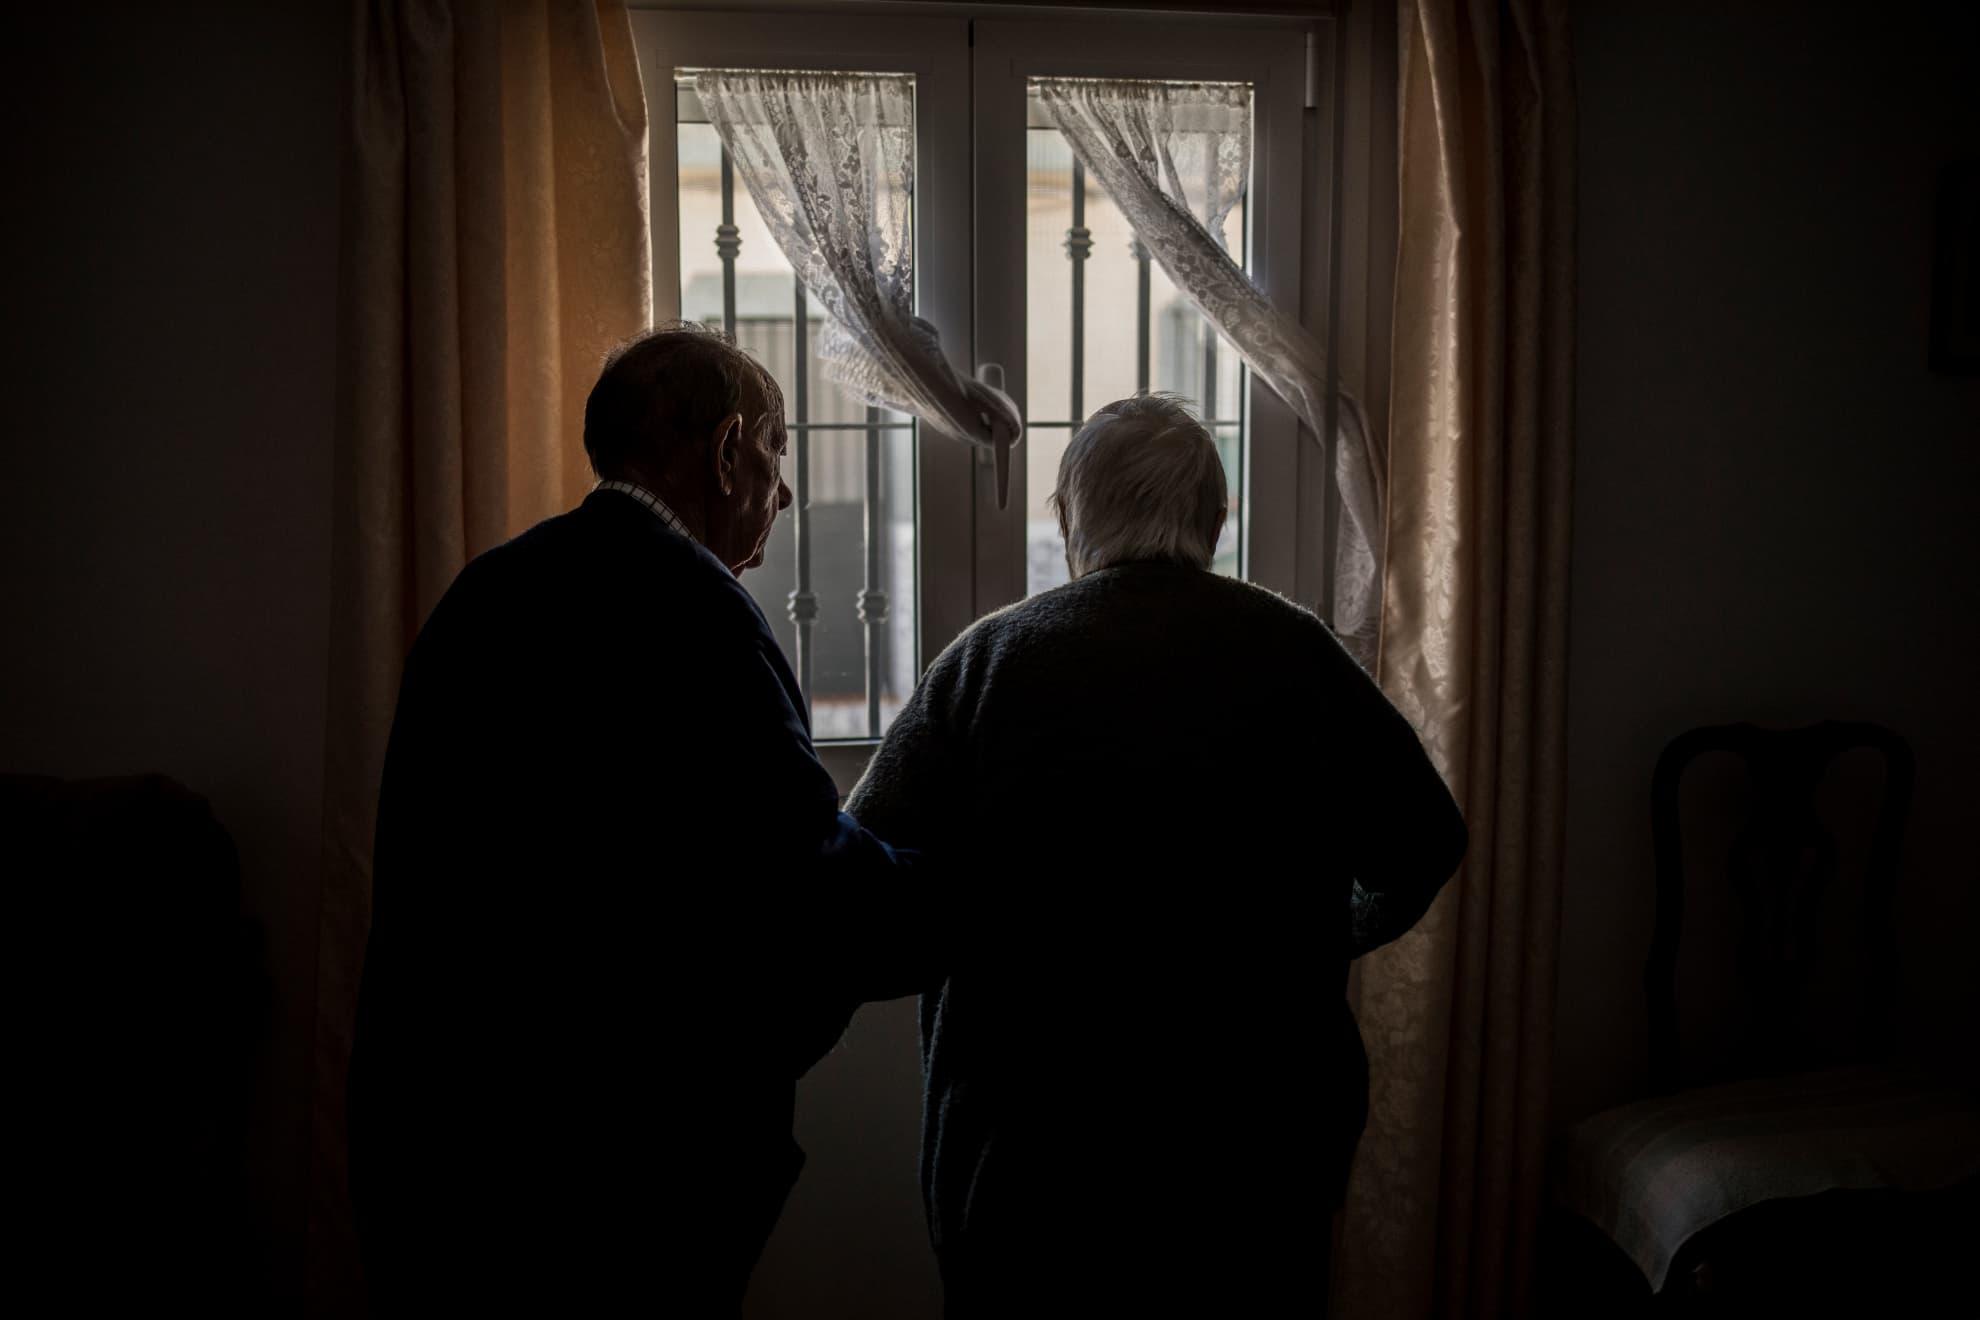 """Manuel despierta a Josefa del profundo sueño que le produce la medicación. Es hora de ir a lavarse las manos y sentarse a la mesa para comer, pero antes se acercan a la ventana a mirar la calle, desierta de vida, como si de un ritual diario se tratara. Josefa duerme la mayoría del día; """"son las pastillas"""" comenta Manuel. Hace diez años, fue diagnosticada con DCL: demencia con cuerpos de Lewy, una enfermedad degenerativa del cerebro cuyos síntomas se asemejan al Alzheimer. """"Hay días peores y días mejores"""", dice Manuel, """"Mi hijo propuso que la internásemos en una residencia, pero mientras yo pueda no voy a hacerle eso"""". Llevan más de 45 días sin salir a la calle a dar sus paseos por la pandemia por COVID-19. Manuel hace escasamente un mes que salió del hospital por problemas respiratorios graves, justo antes de que el coronavirus llegara para quedarse; Josefa no sabe qué ocurre, en algún momento lúcido parece entender que hay un virus que puede ser mortal para ellos, pero pronto lo olvida. Manuel dedica sus días a atender su esposa desde que el estado de alarma recortara la necesaria ayuda a domicilio, a servicios mínimos. En Jerez, Cádiz, el 29 de abril de 2020."""